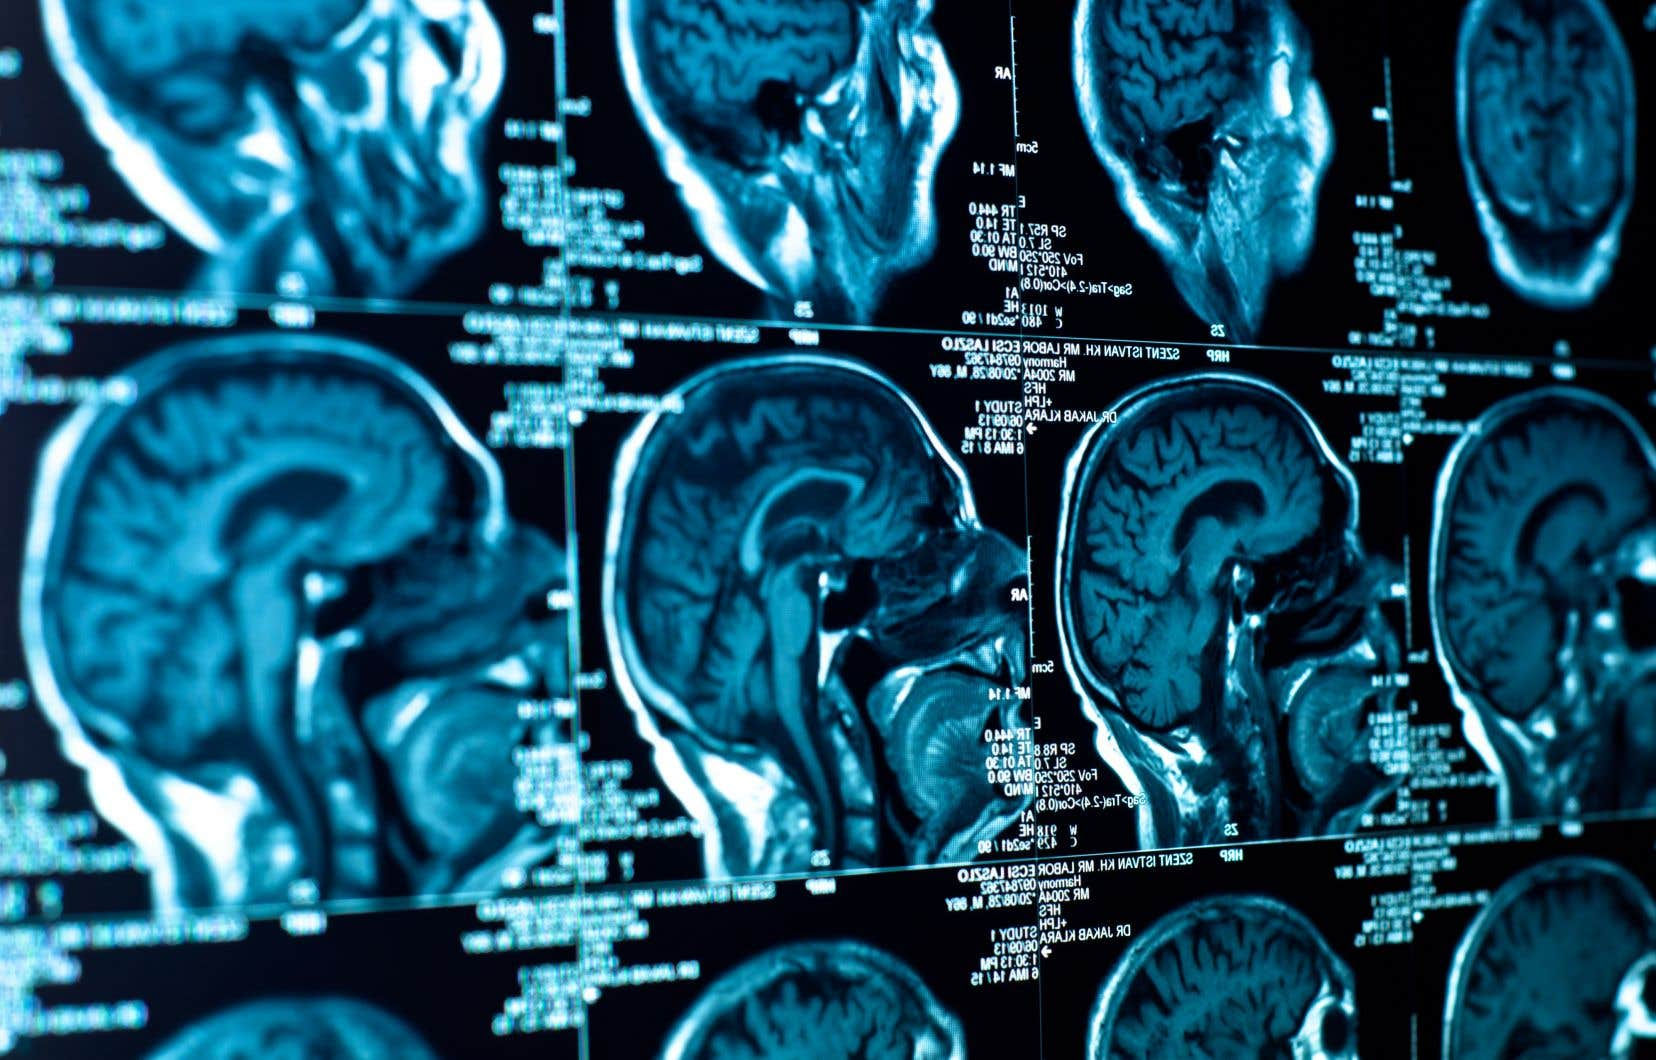 Dans le but de mettre au point une technologie capable de produire un discours plus fluide, les chercheurs se sont intéressés à l'activité du cerveau lorsque les personnes parlent.